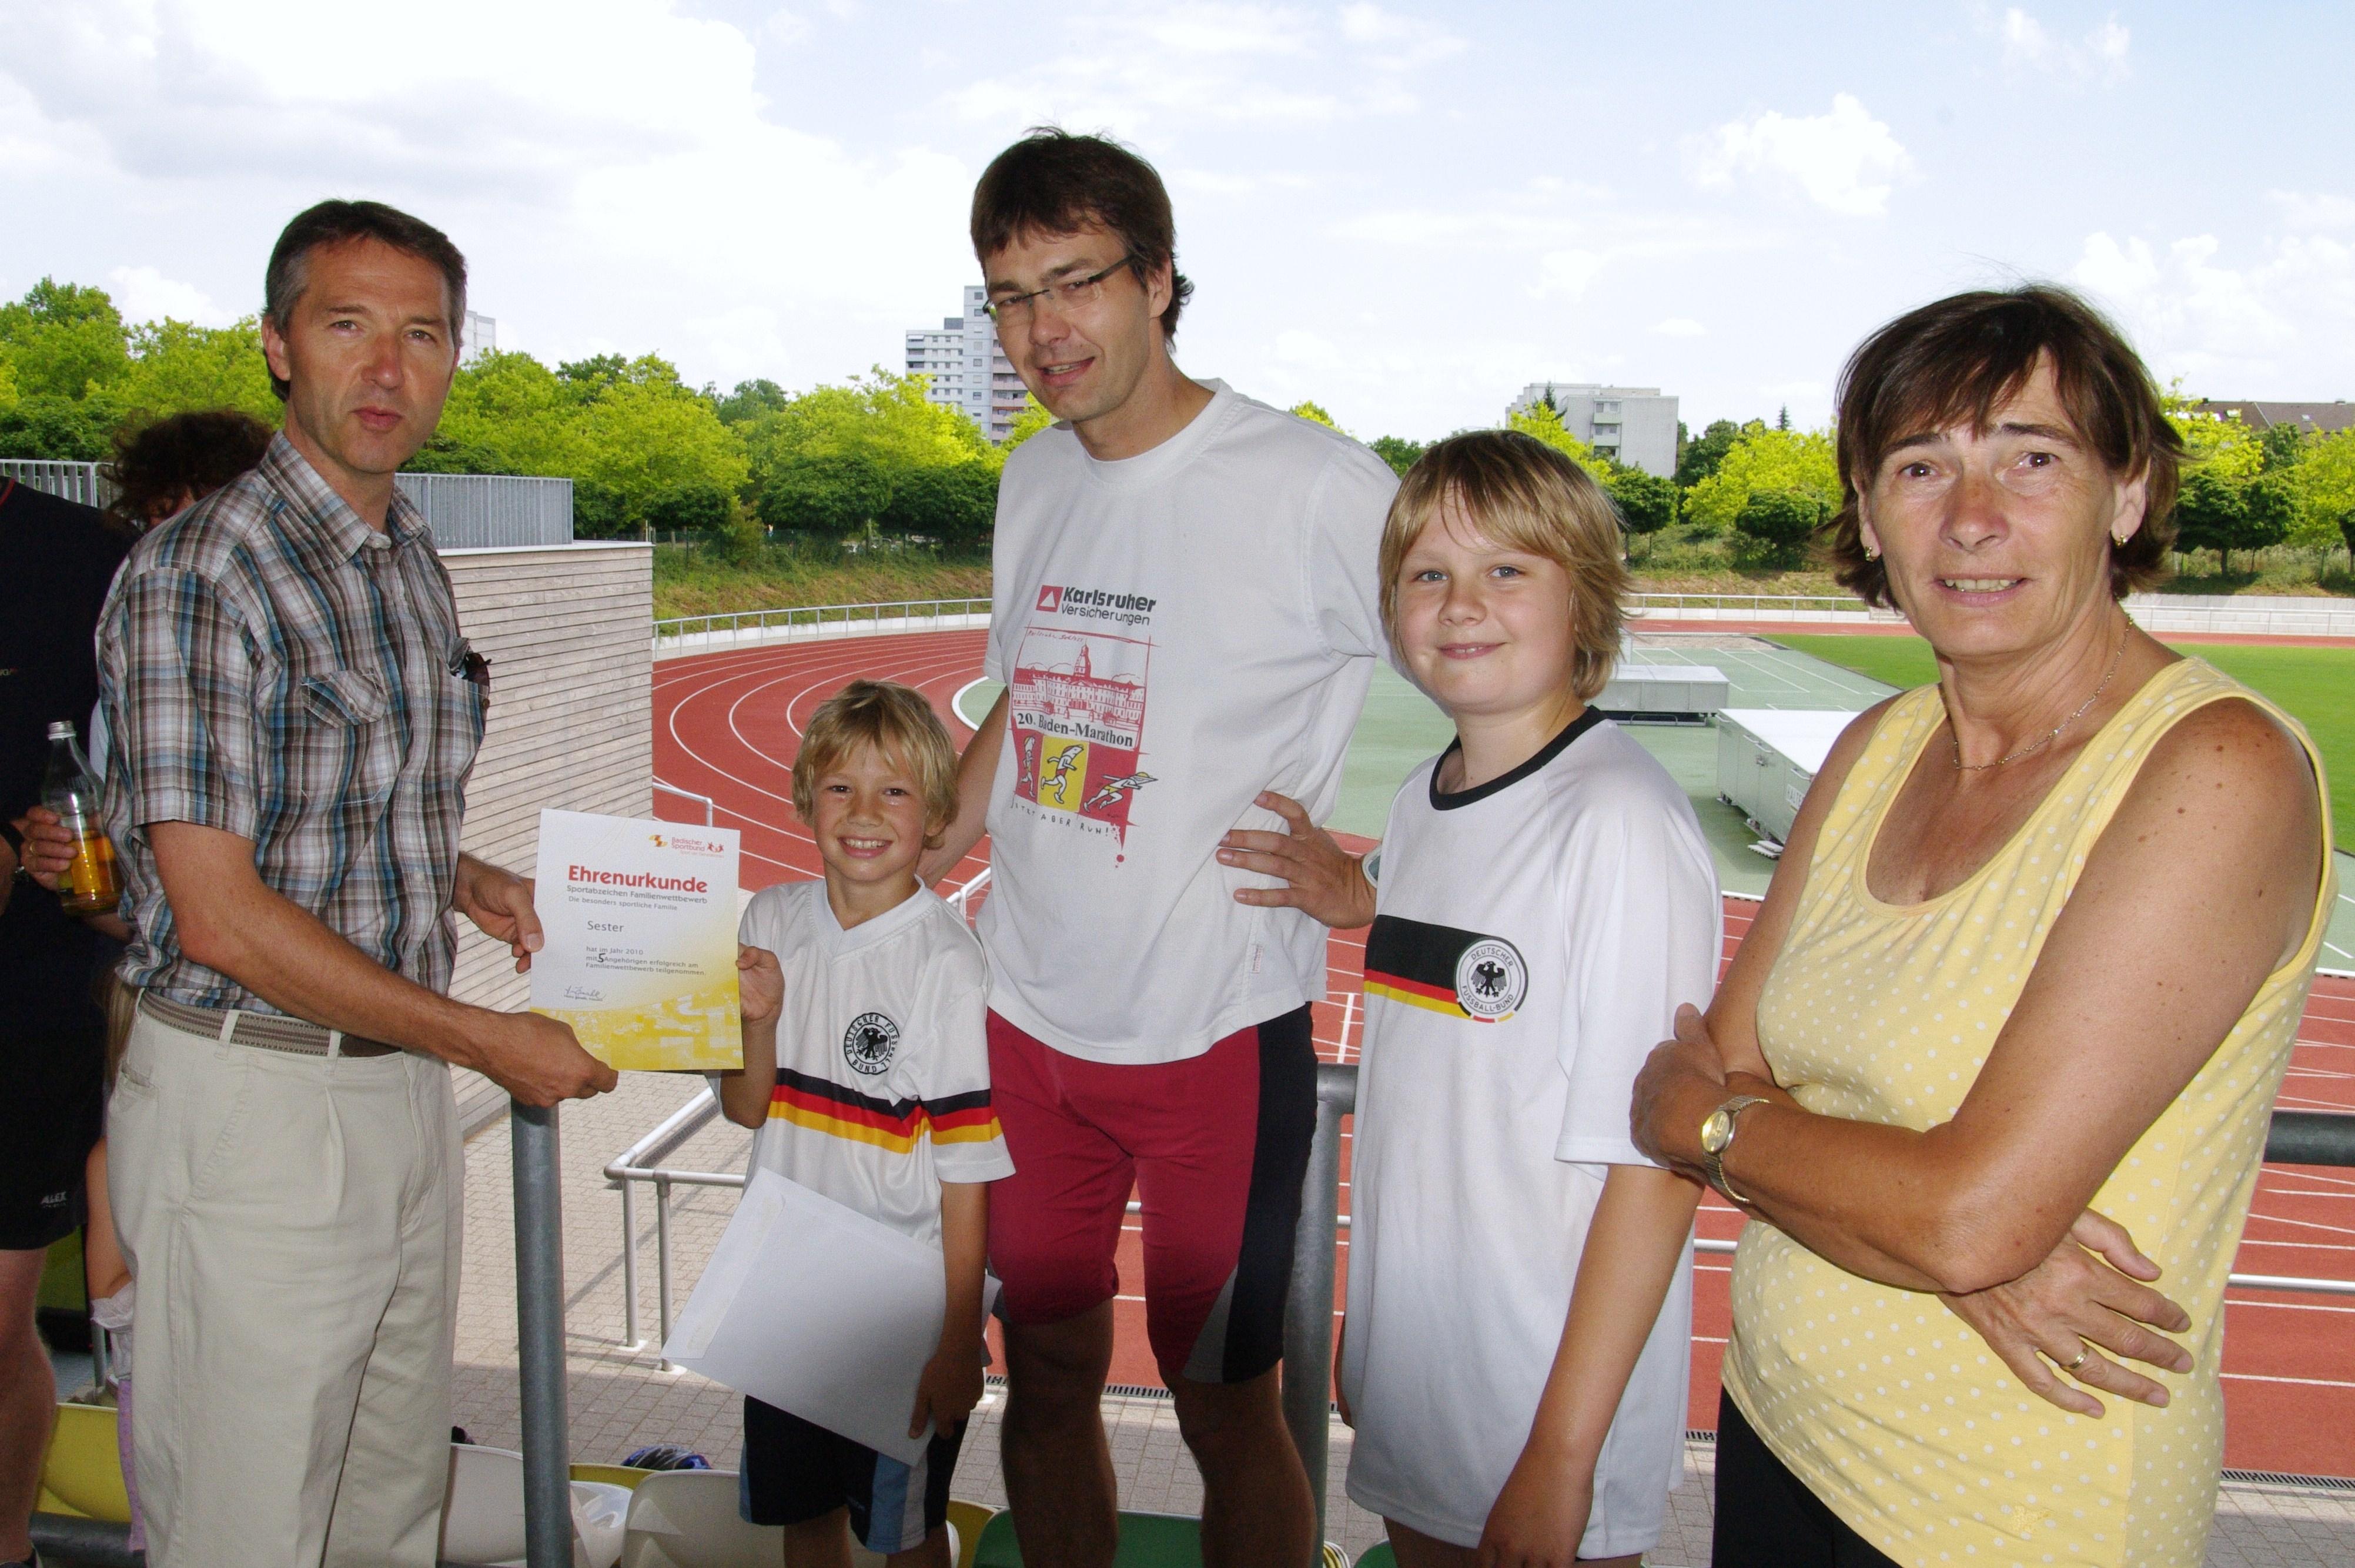 Bürgermeister Martin Lenz überreicht die Ukunden an Familie Sester (Quelle: Schul- und Sportamt Karlsruhe)